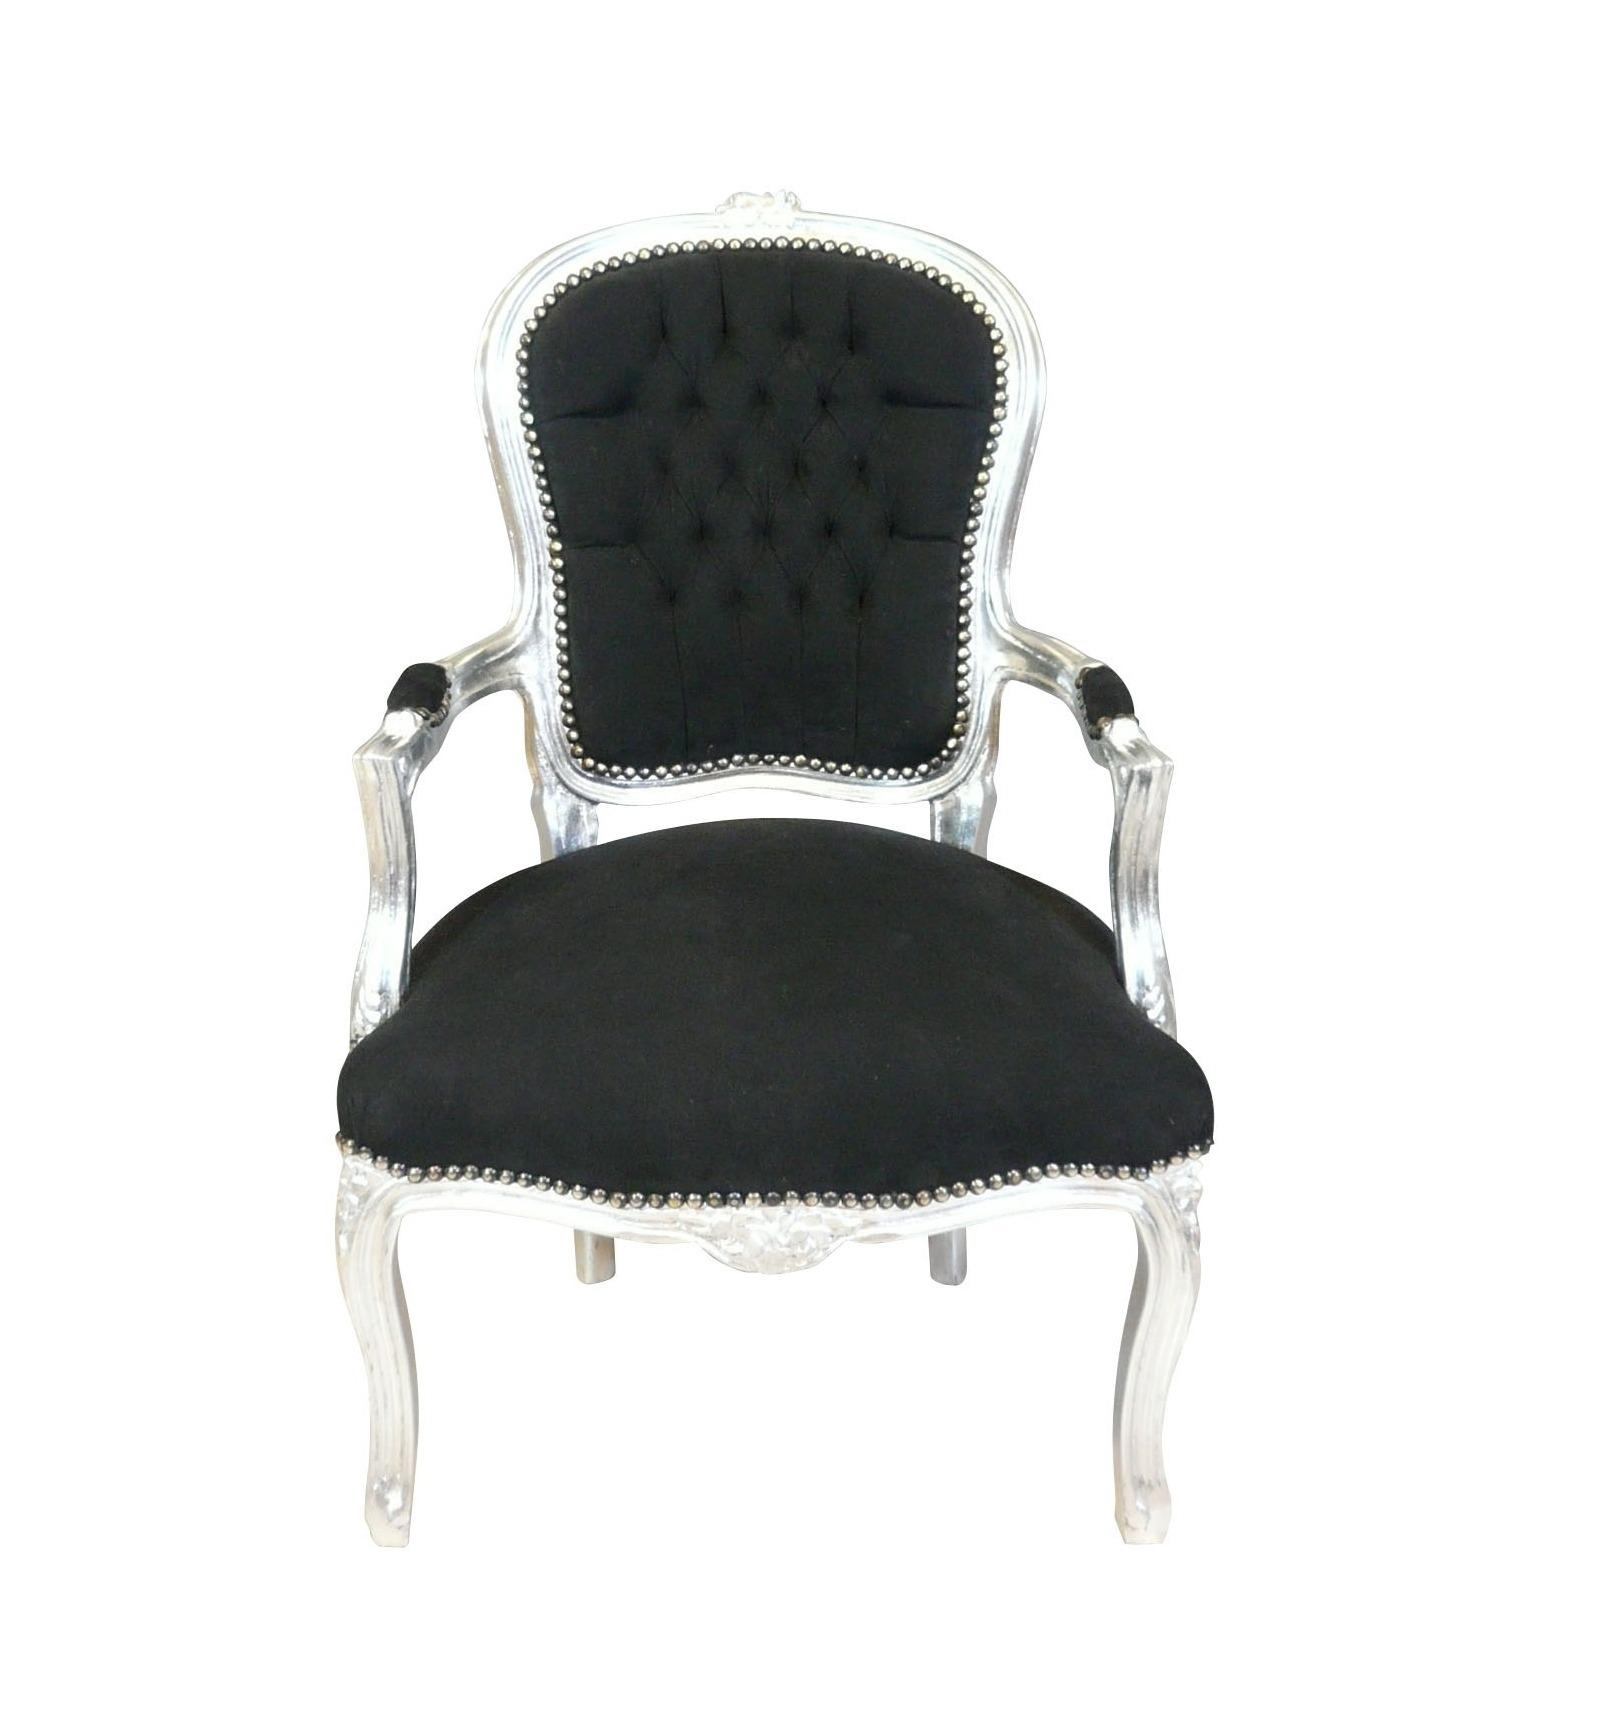 fauteuil louis xv baroque noir et argent fauteuils louis xv. Black Bedroom Furniture Sets. Home Design Ideas